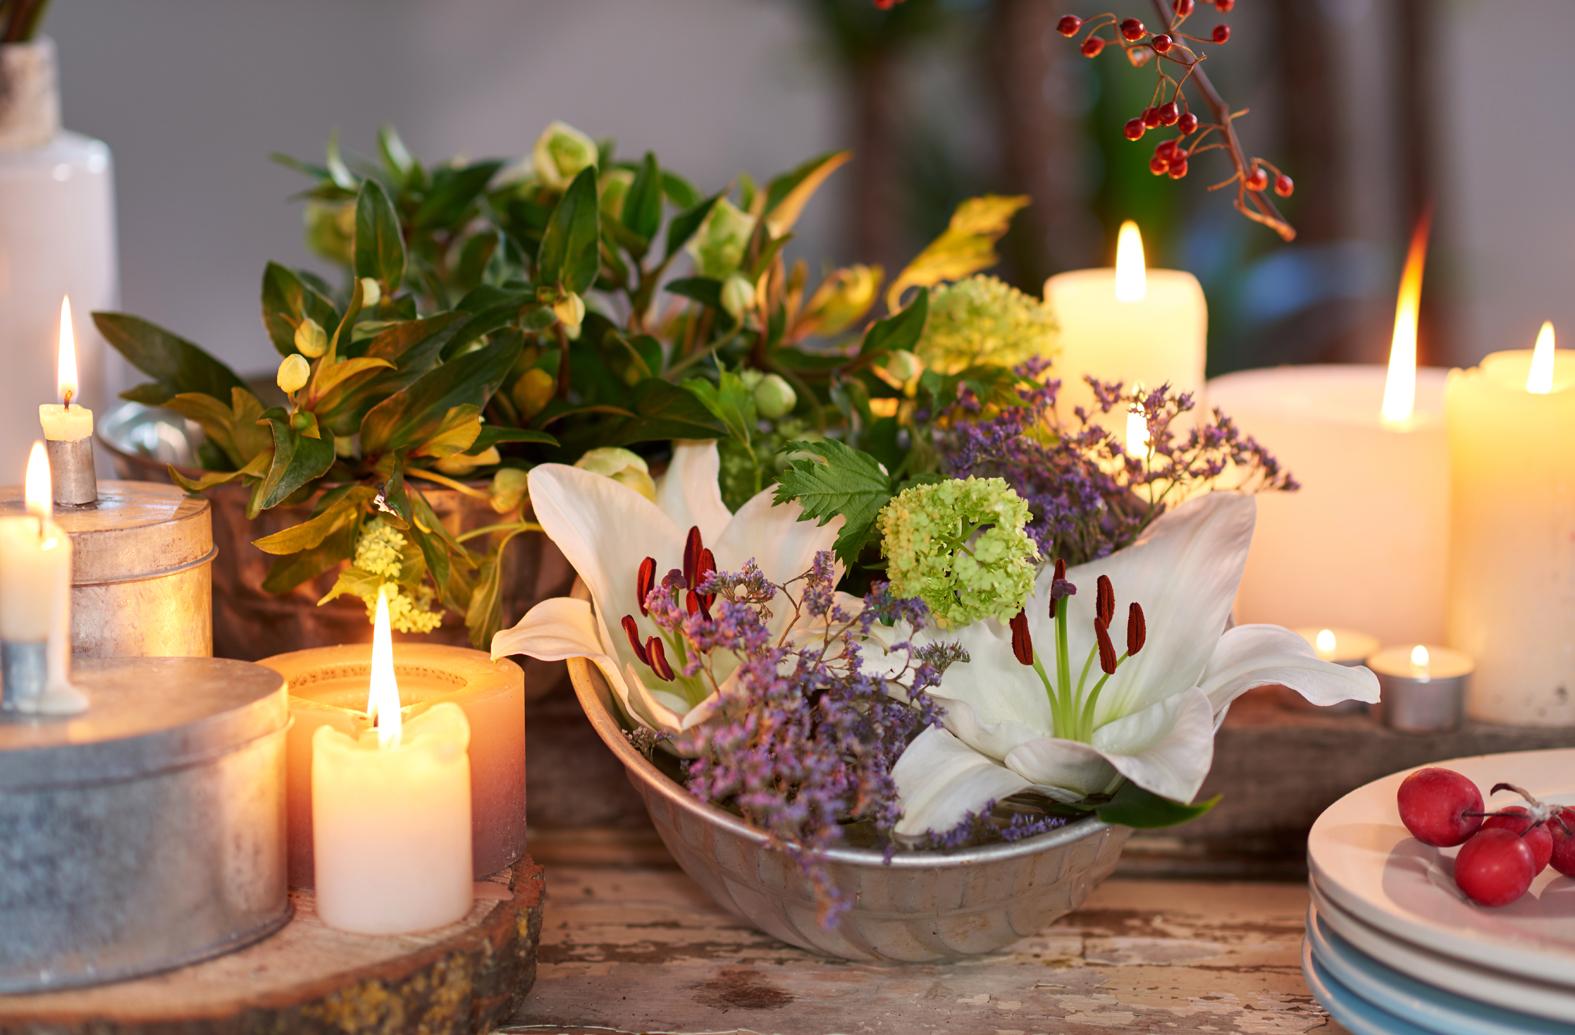 Groen wonen kerst decoratie planten bloemen trends for Bloemen decoratie